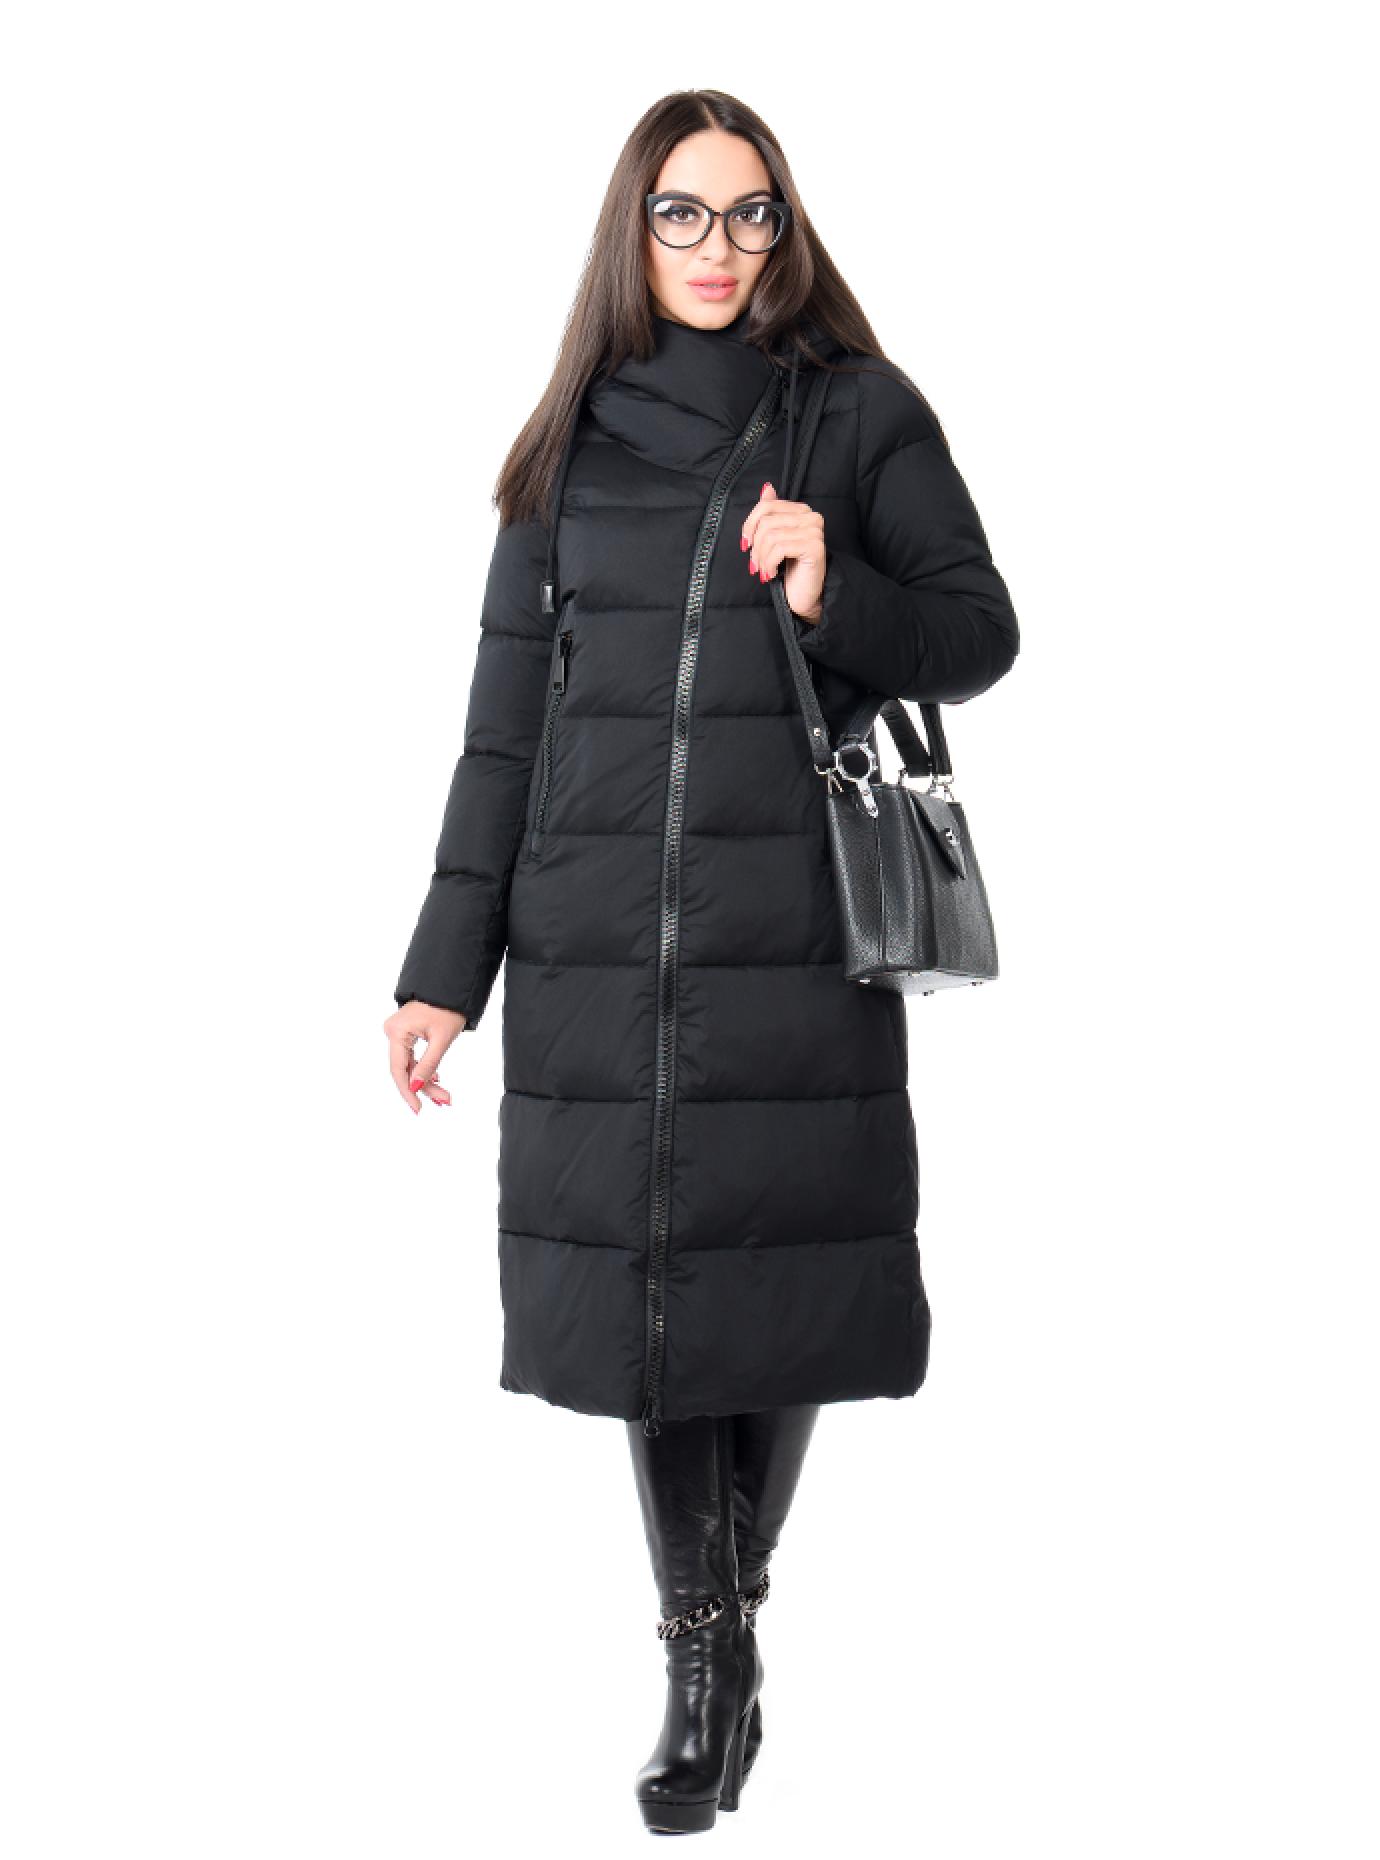 Куртка зимняя женская ассиметричная Чёрный S (02-CR170385): фото - Alster.ua